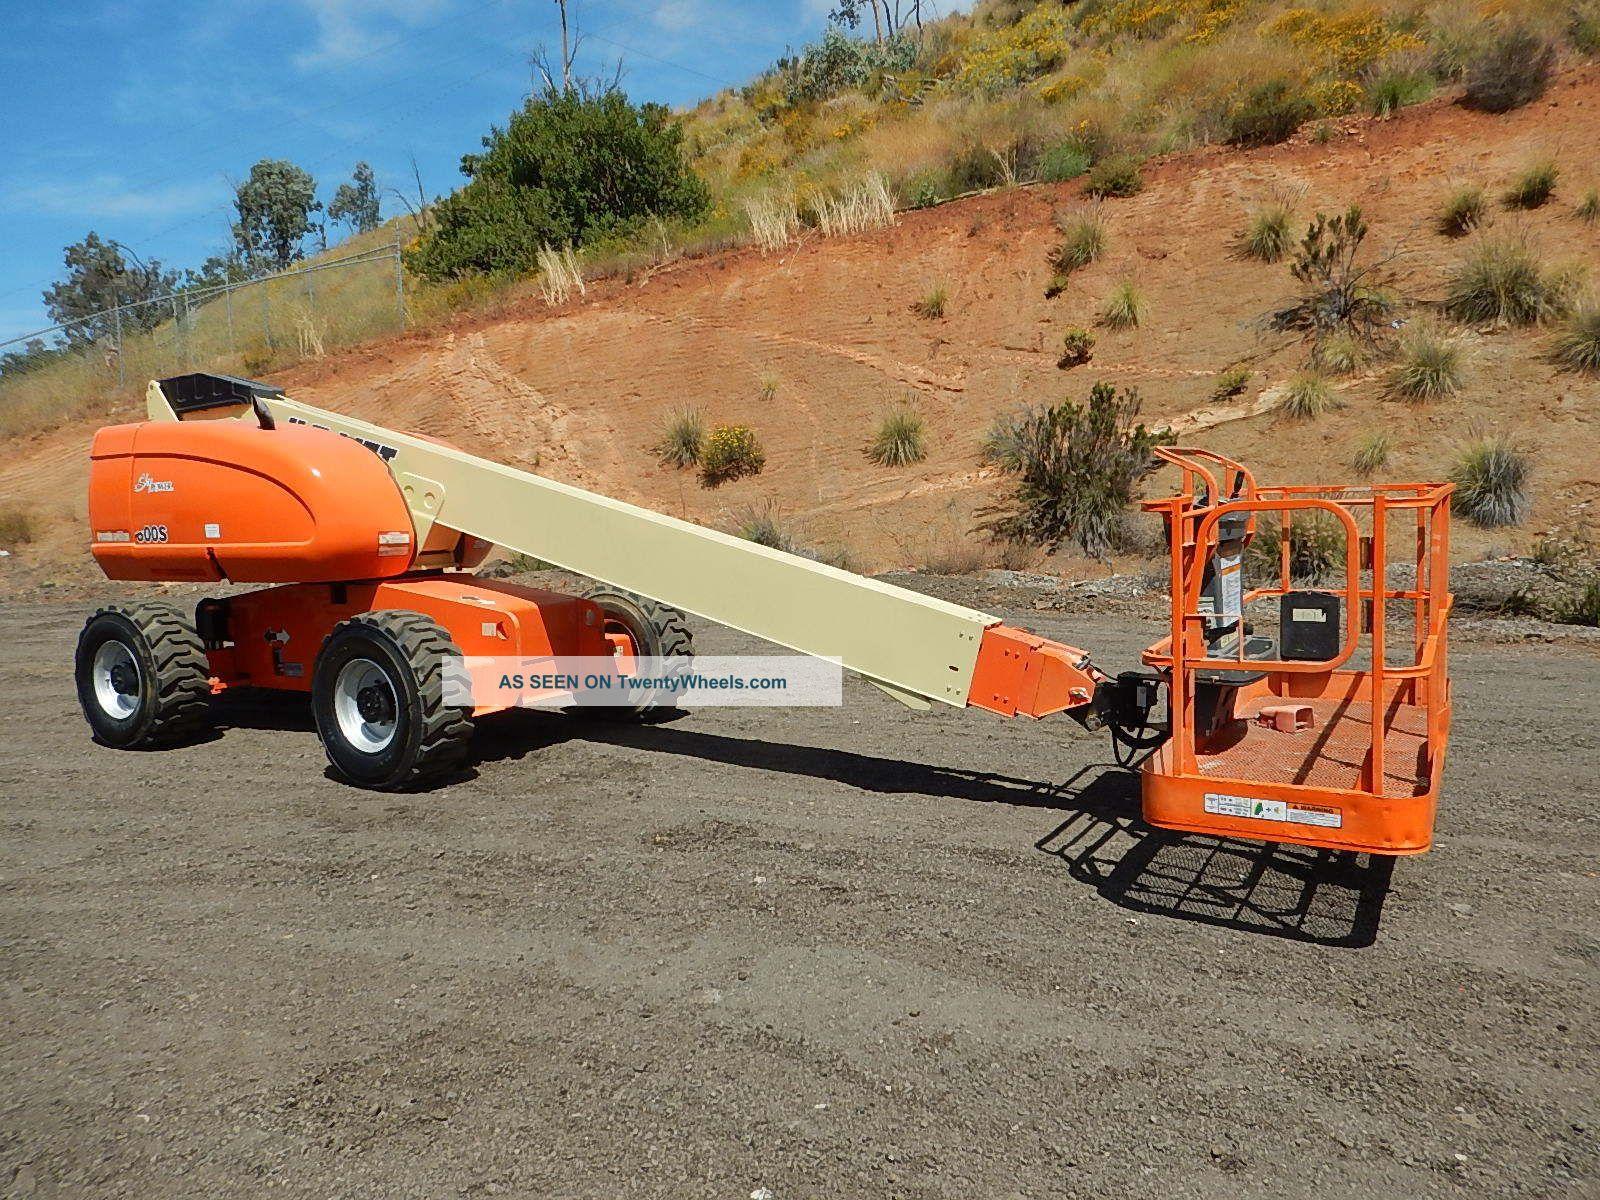 Jlg 600s 60 ' Boom Lift Manlift Man Lift Aerial Telescopic Boomlift Gen Set Scissor & Boom Lifts photo